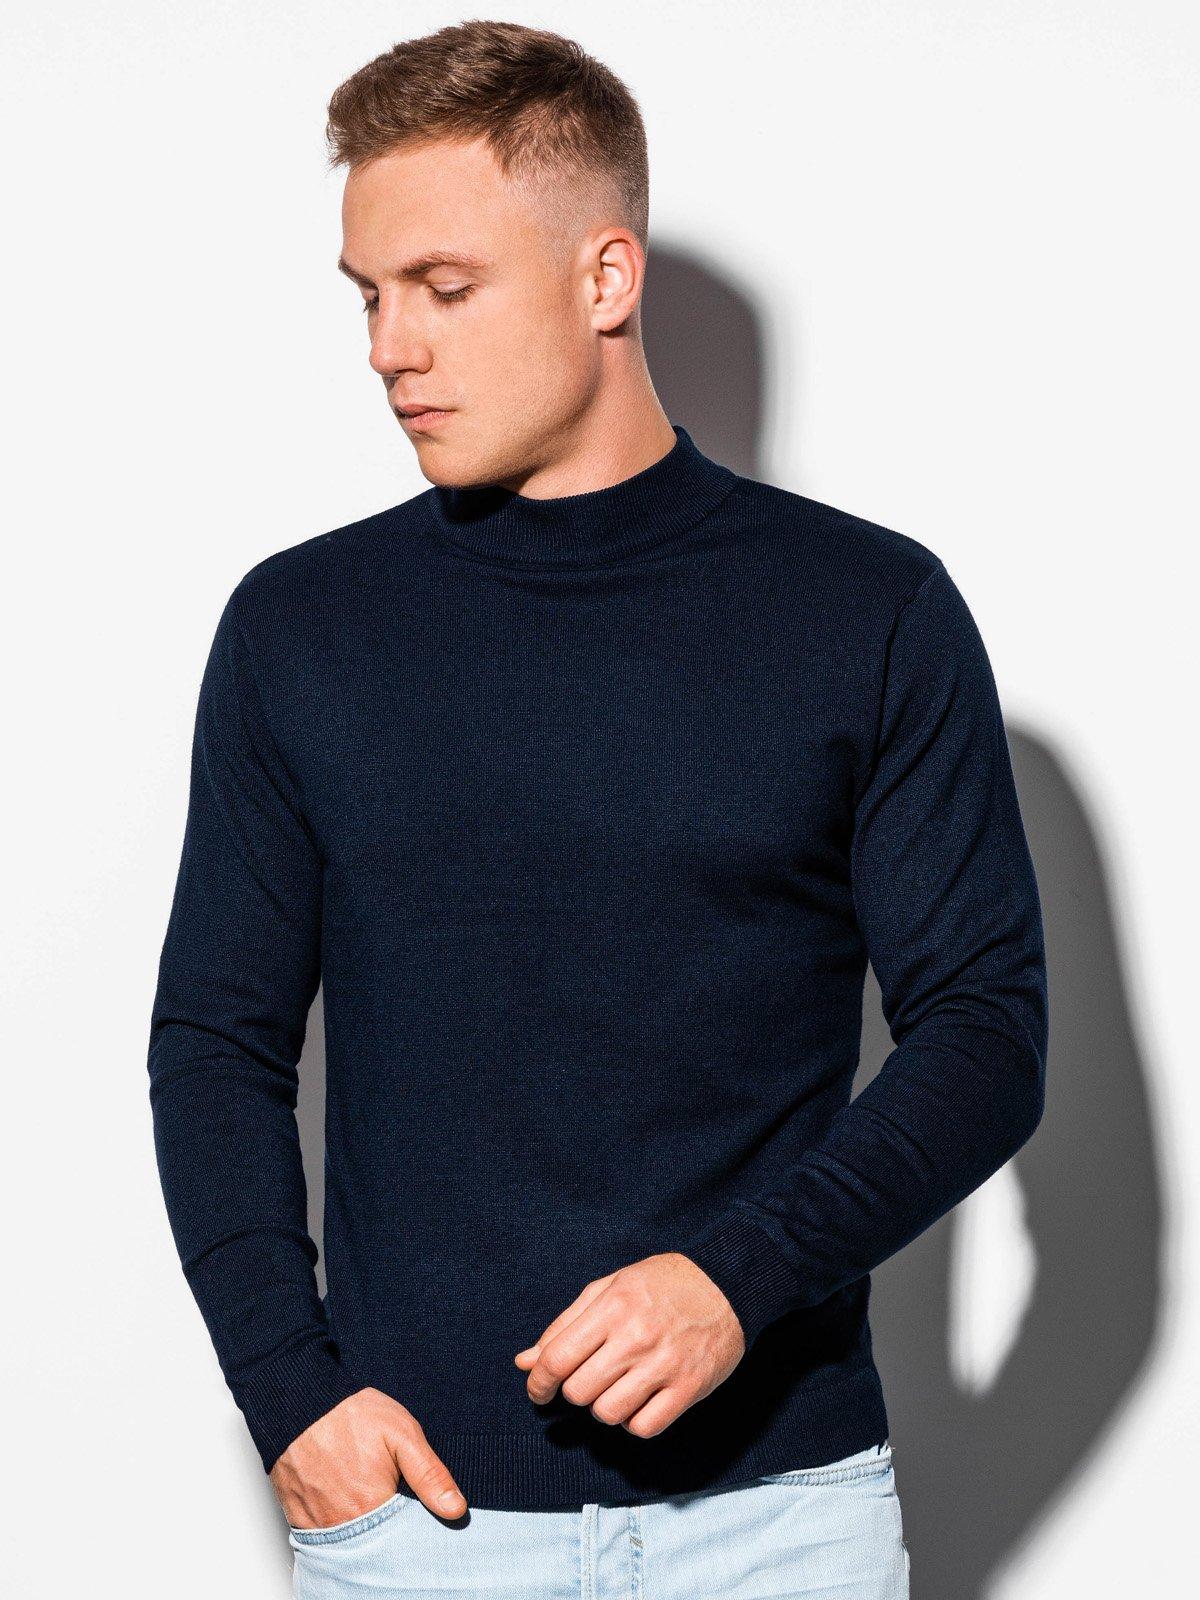 Pánský svetr Luca navy